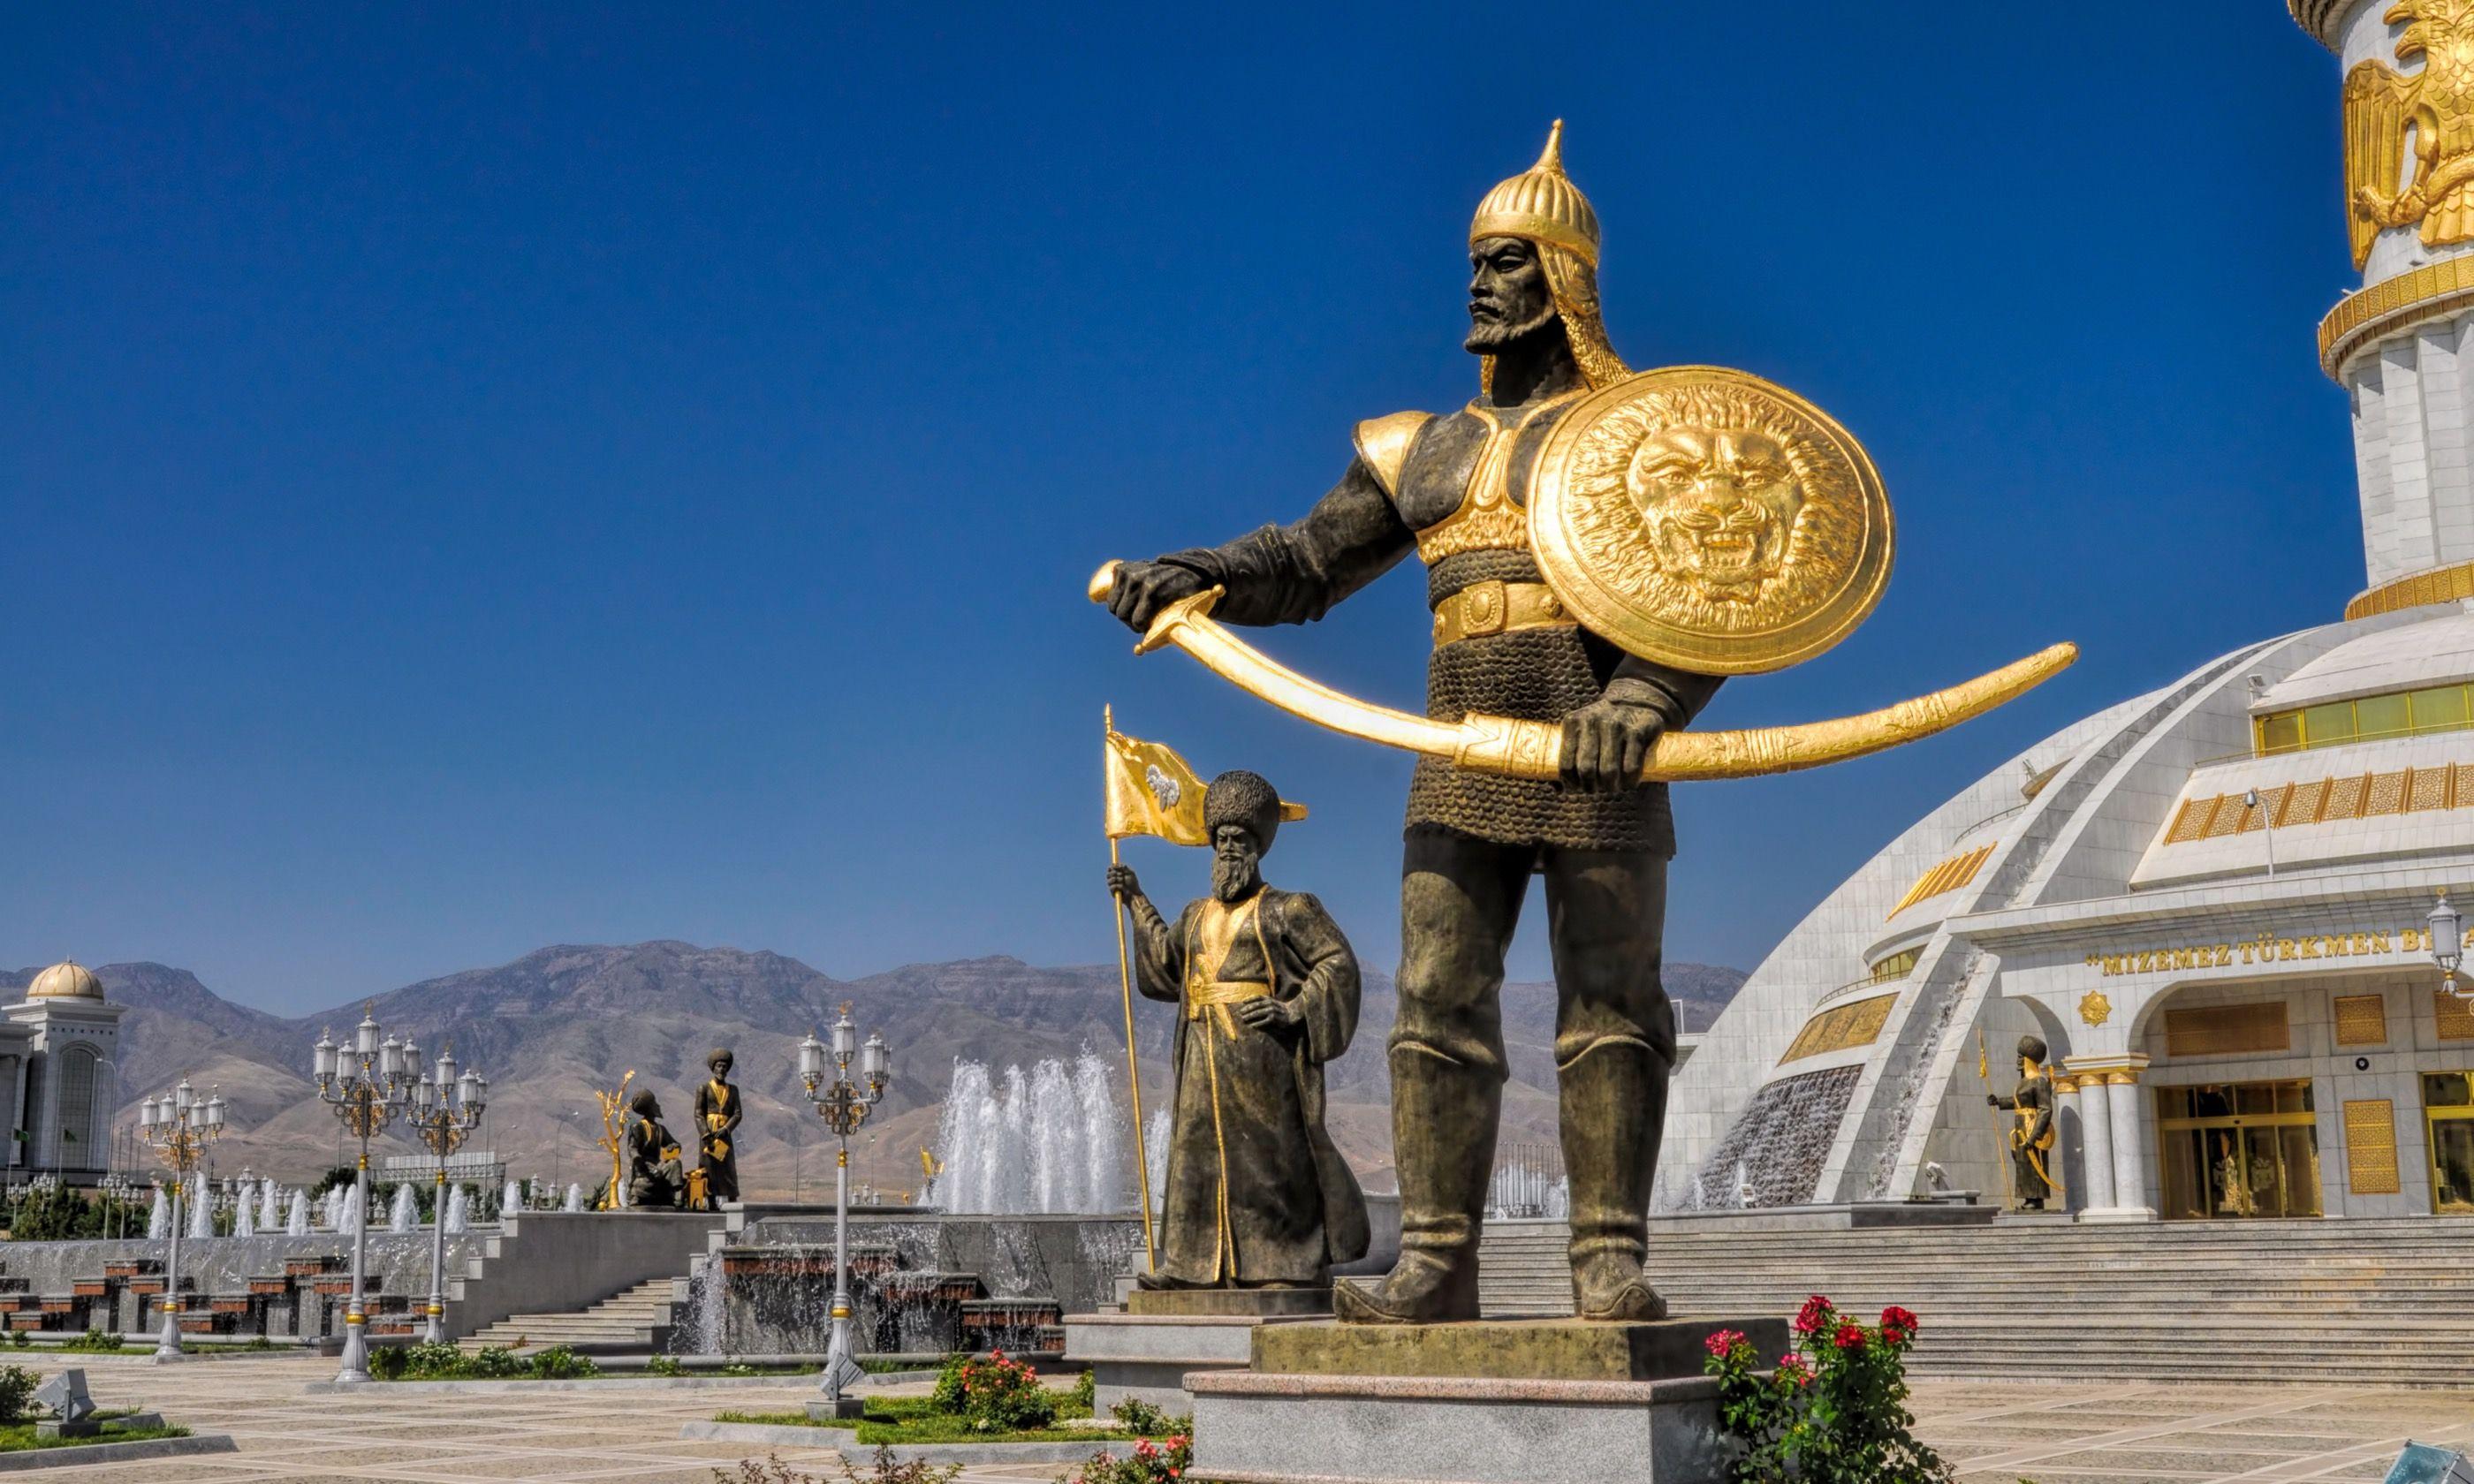 Independence monument in Ashgabat, Turkmenistan (Dreamstime)